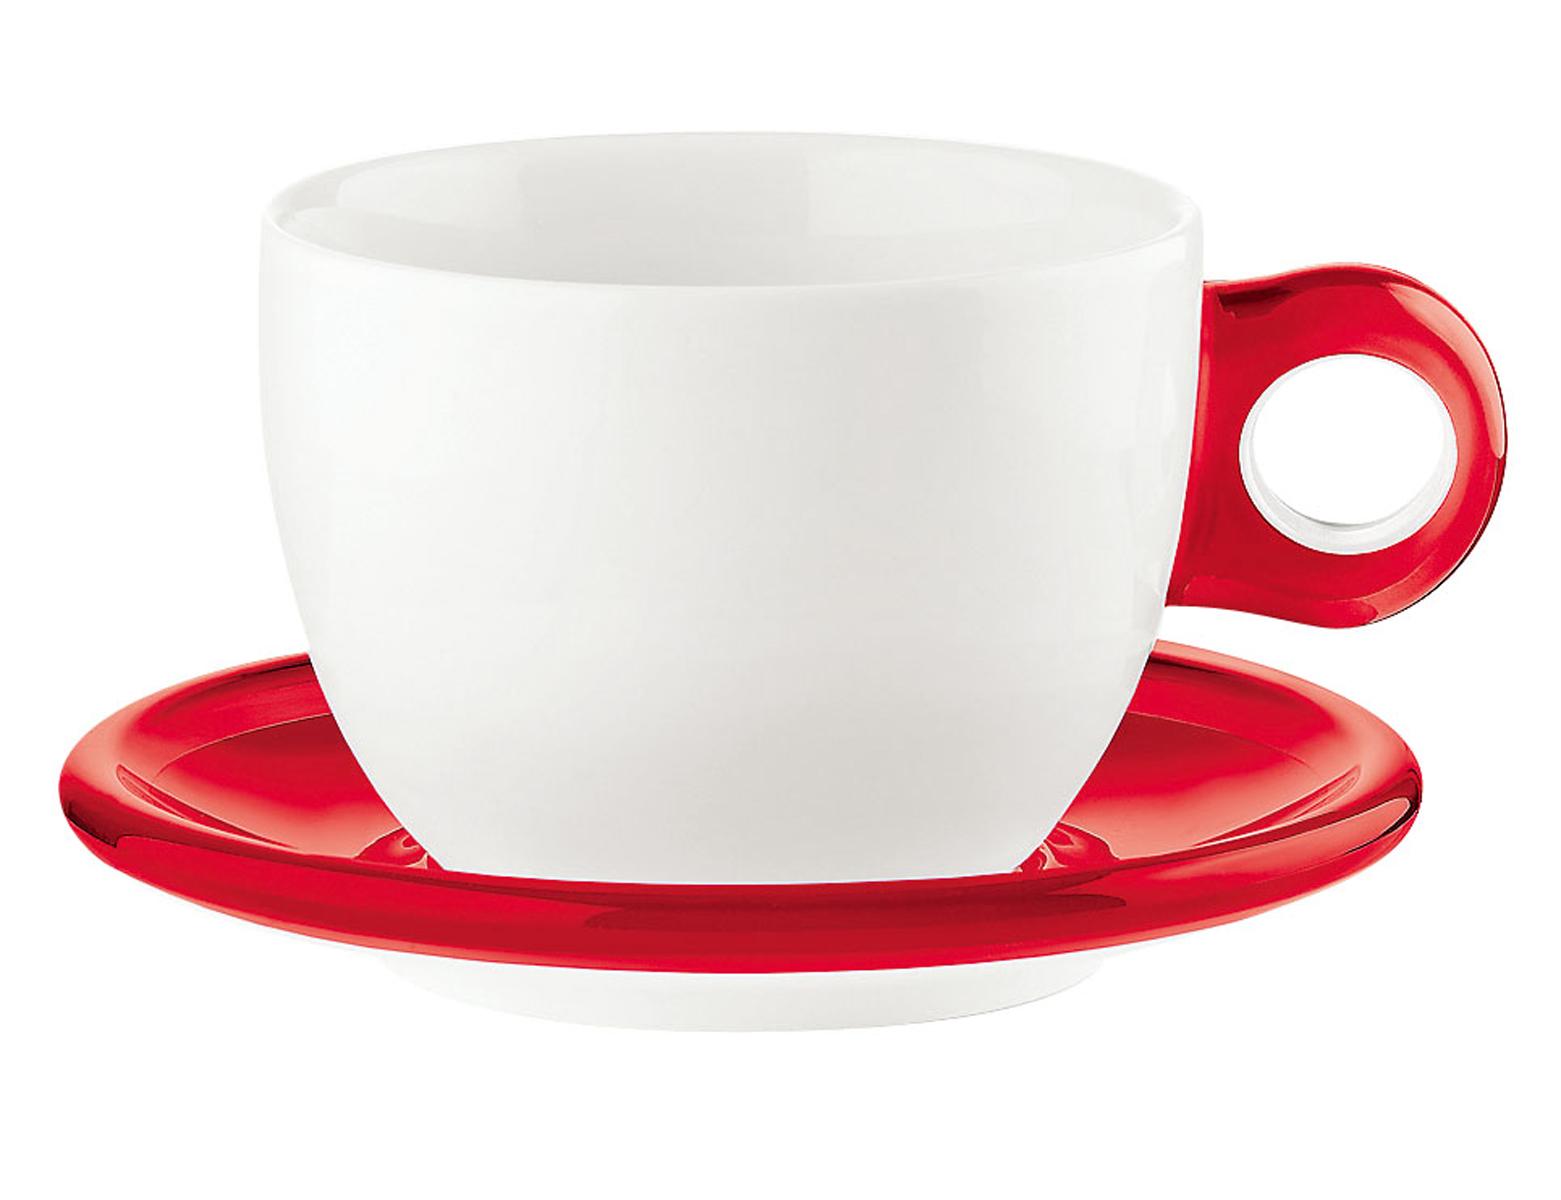 ラージコーヒーカップ 2客セット 2775.0065 レッド 6-2148-0204【卓上用品 グラス 食器 洋食器 コーヒー ティーカップ 業務用 販売 通販】[10P03Dec16]